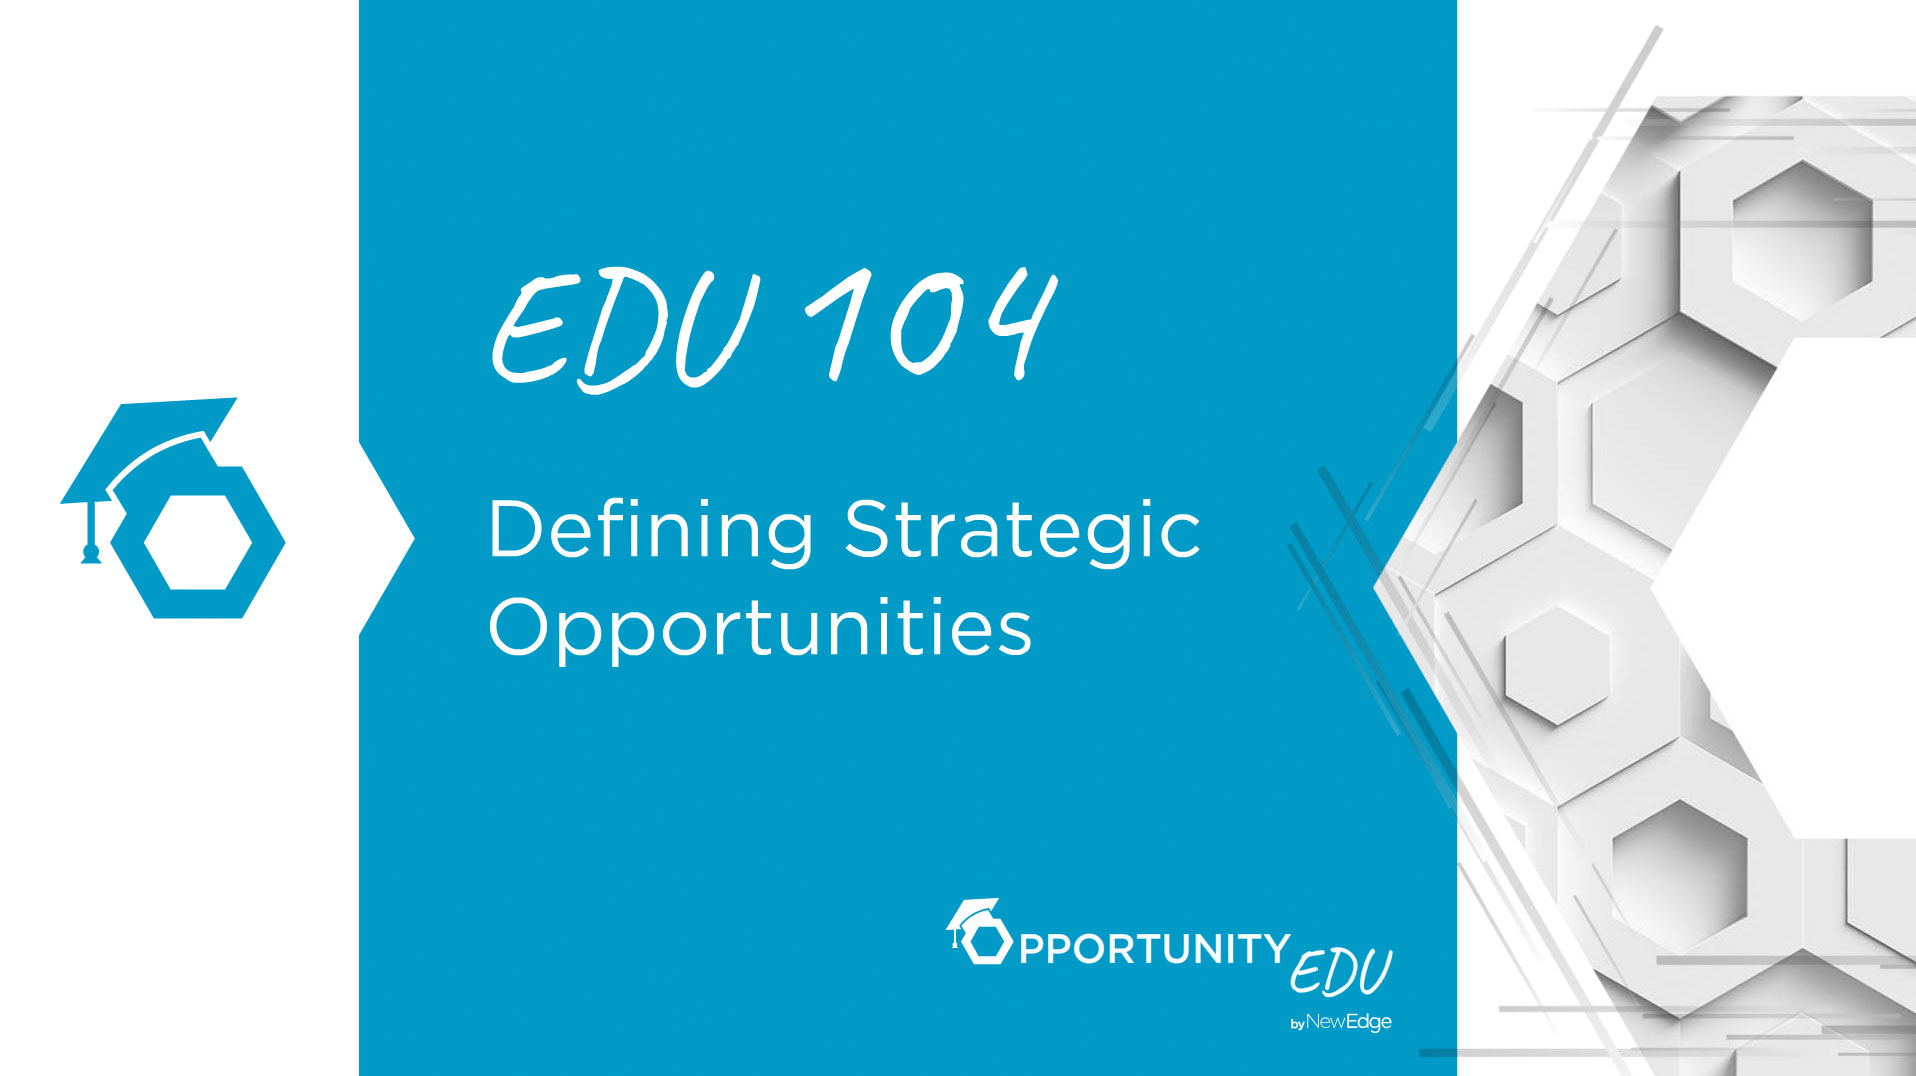 EDU 104